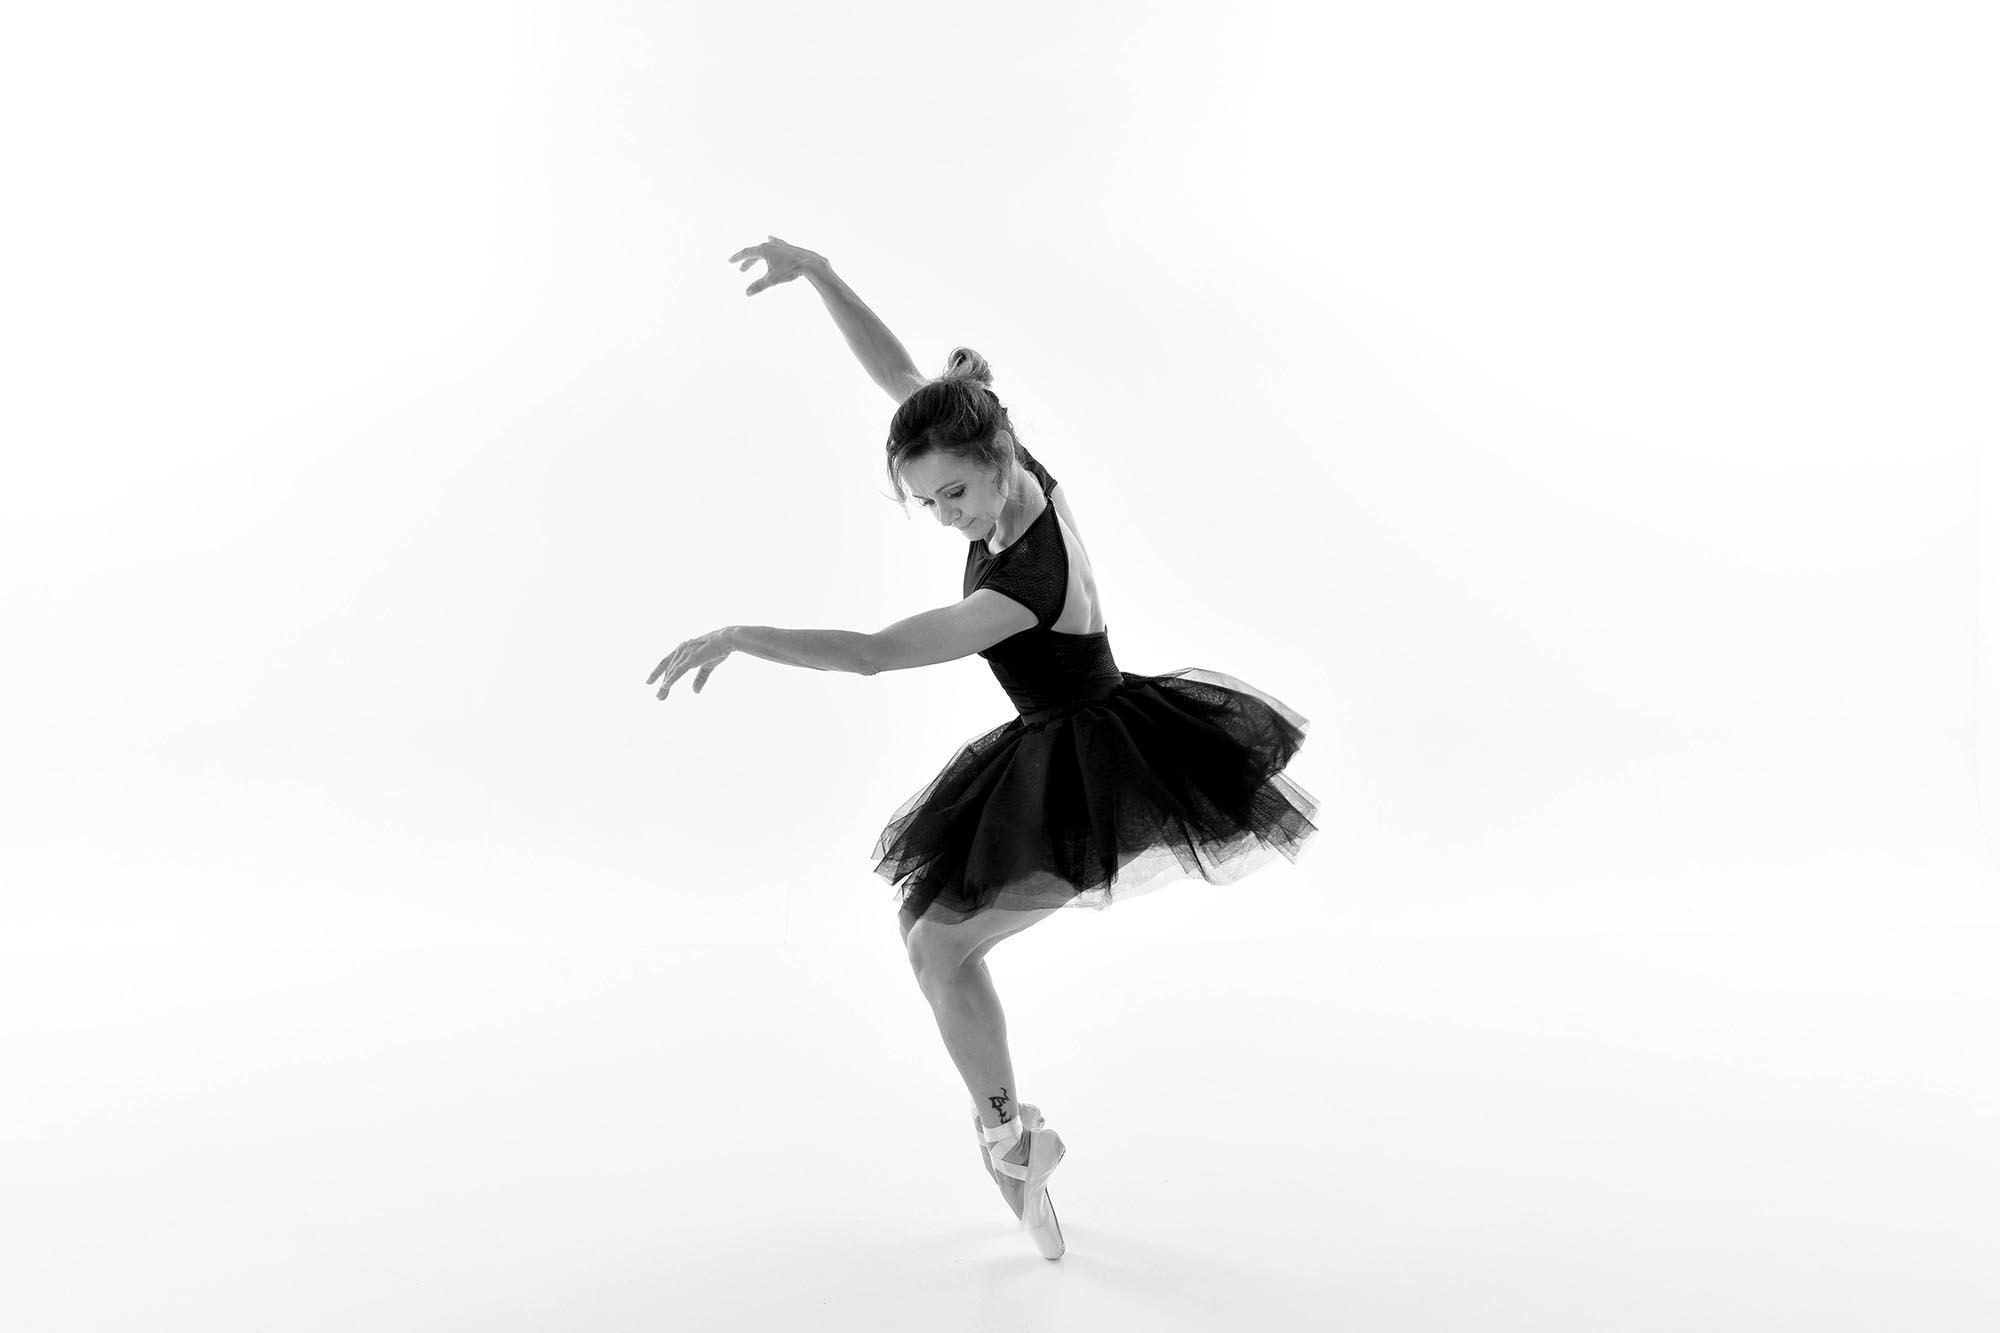 photographe-portraitiste-danseuse-calssique-vaucluse-84